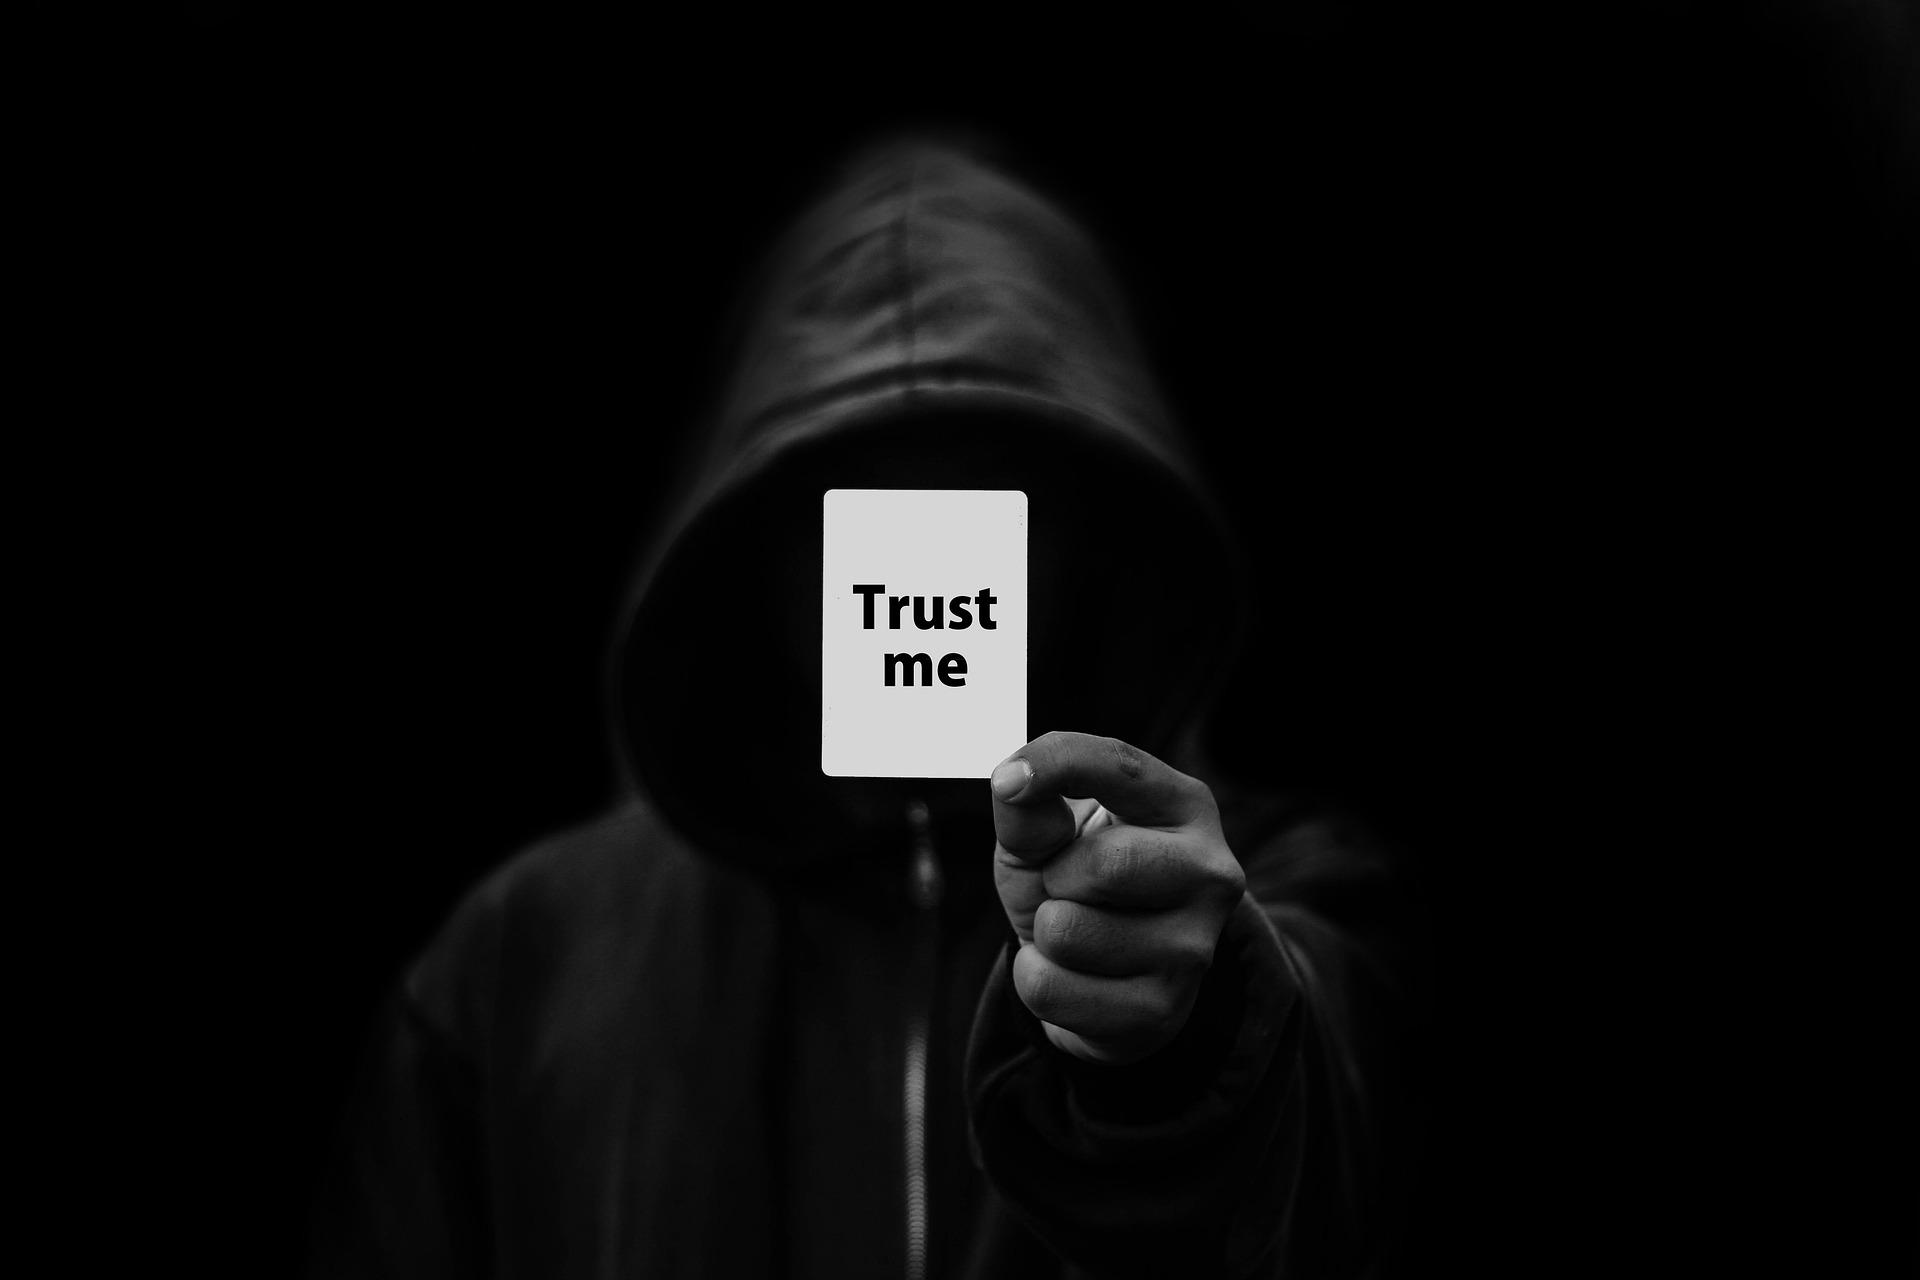 Das Vertrauen in die Mitarbeiter verloren auf ratgeber-blogger.de